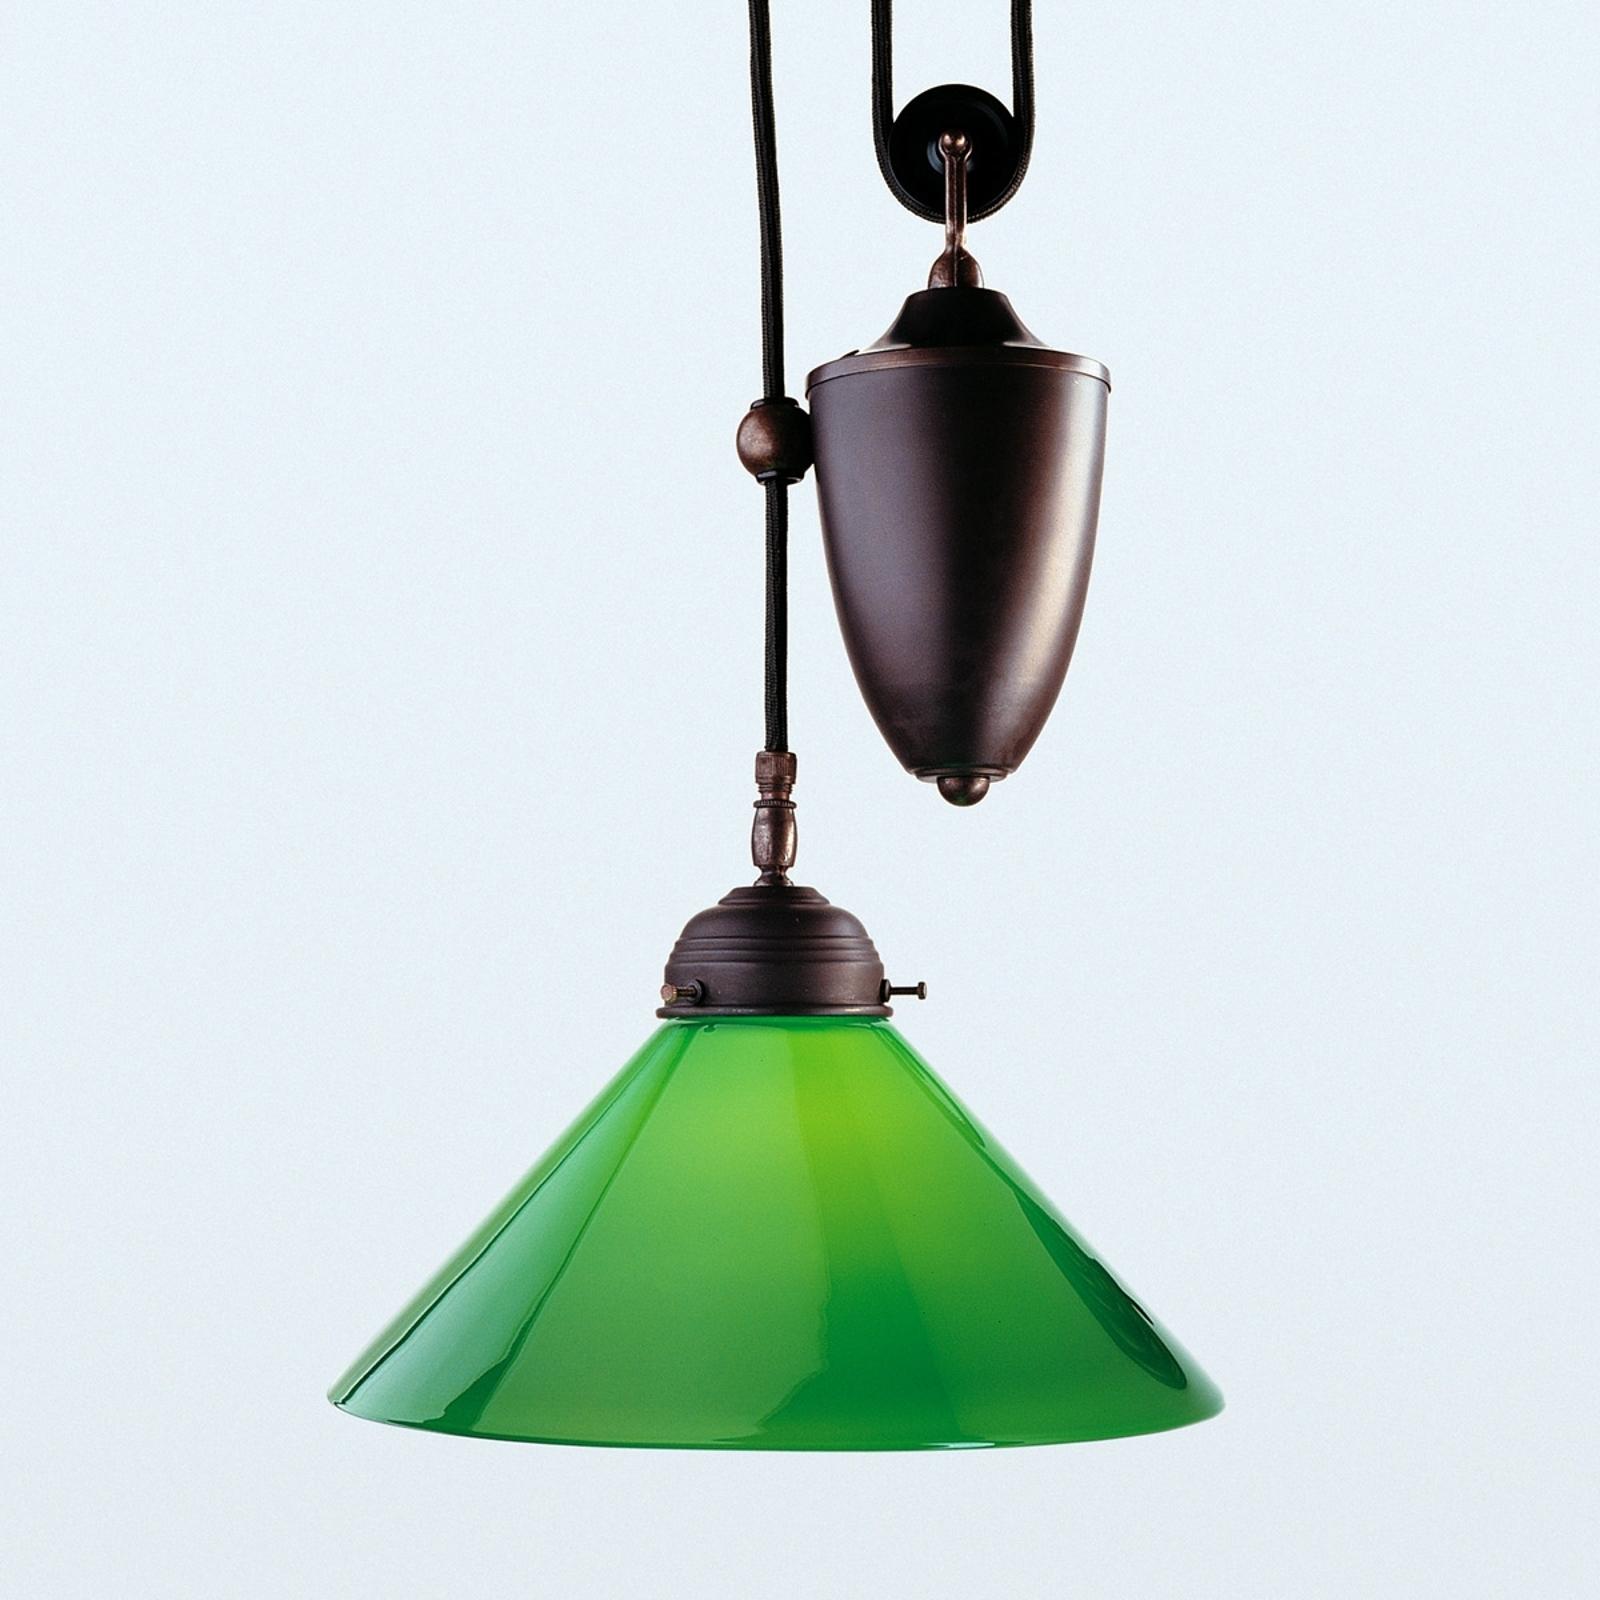 Den antikt farvede hængelampe Jonas med grøn skærm